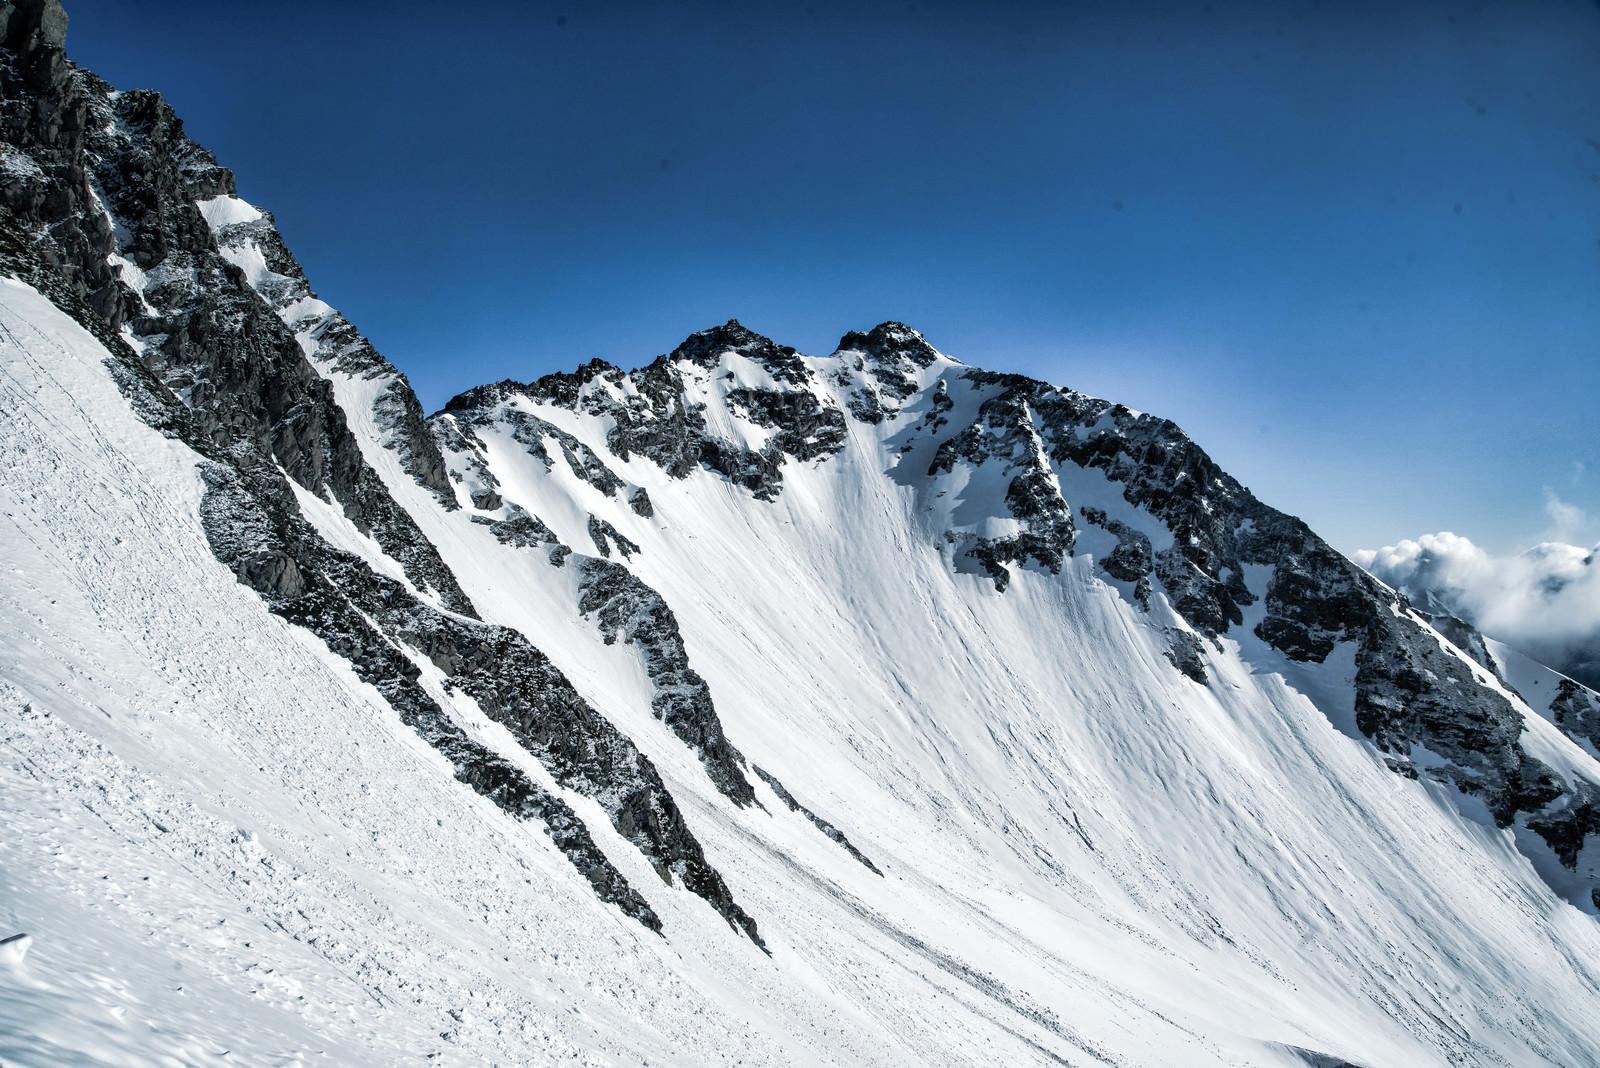 「残雪期の北穂高岳と雪の転がる跡」の写真